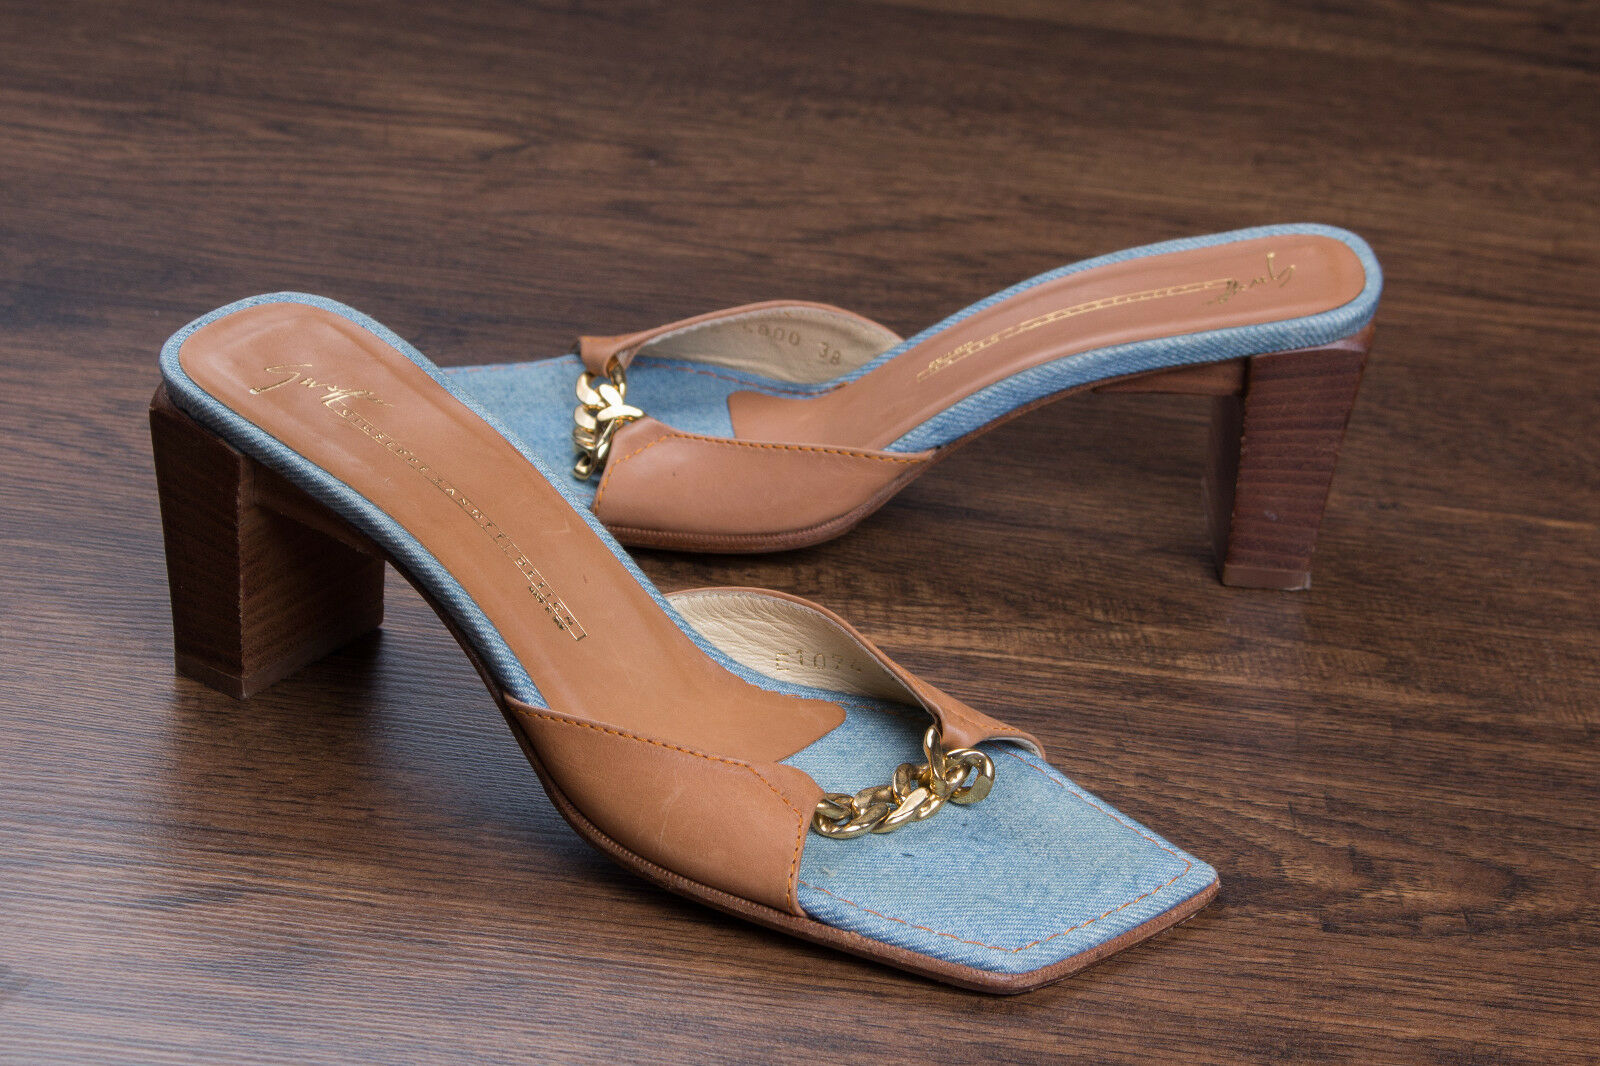 Giuseppe Zanotti High Heel scarpe Sz 38    US 8  ottima selezione e consegna rapida